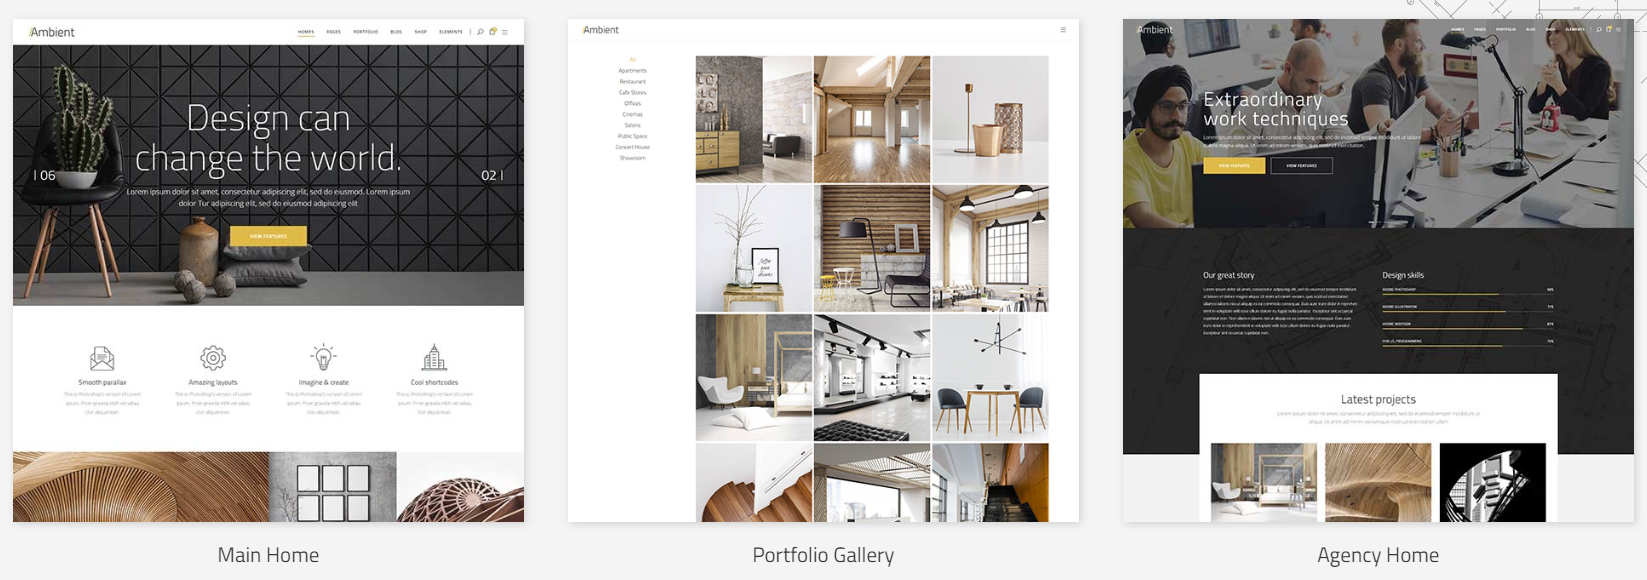 Creating An Online Portfolio